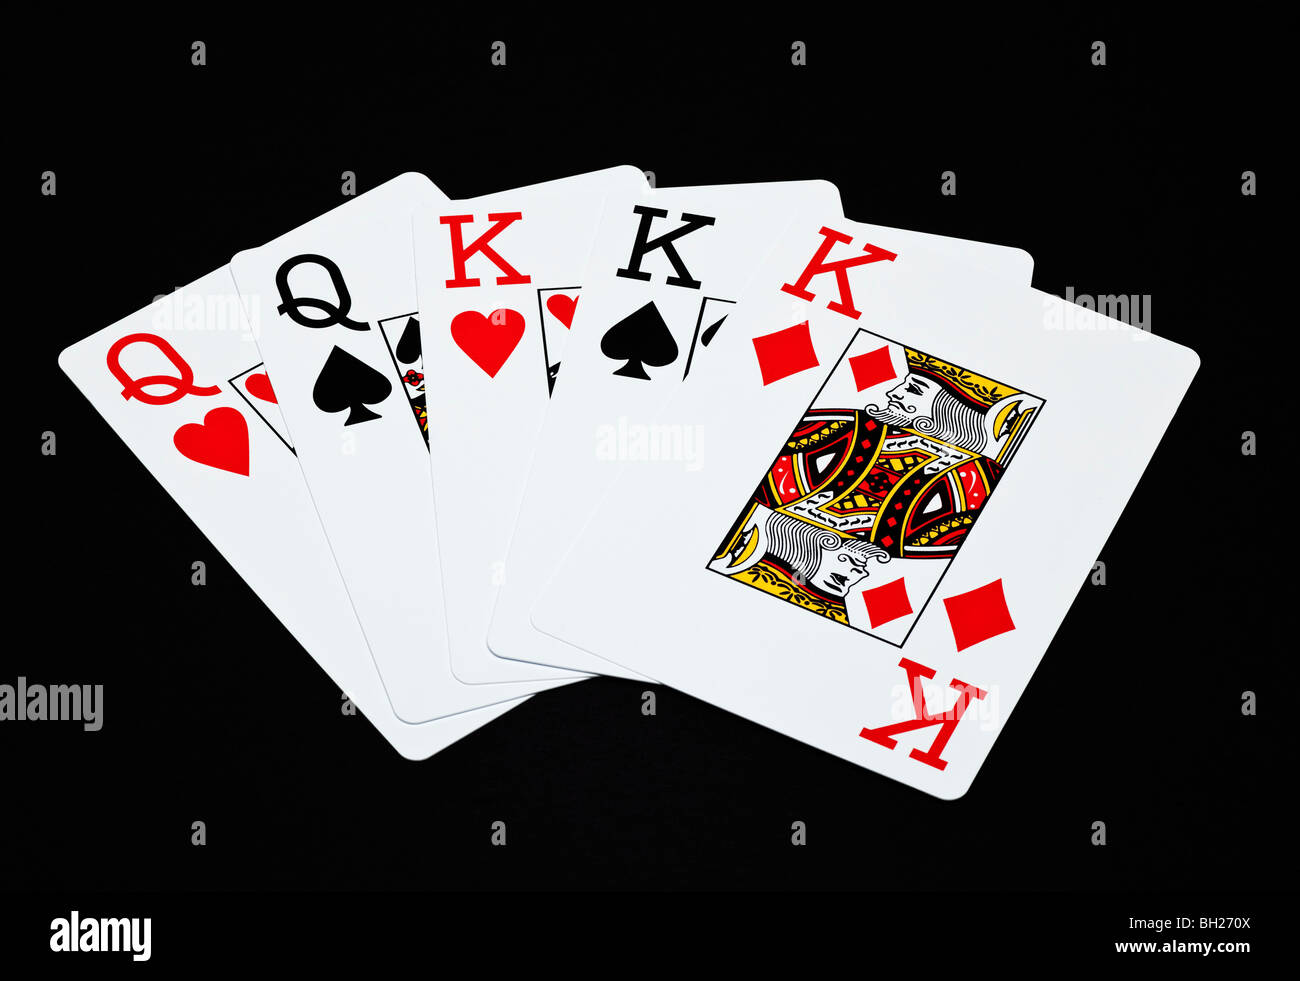 Jeu de cartes montrant un Full House poker hand Photo Stock